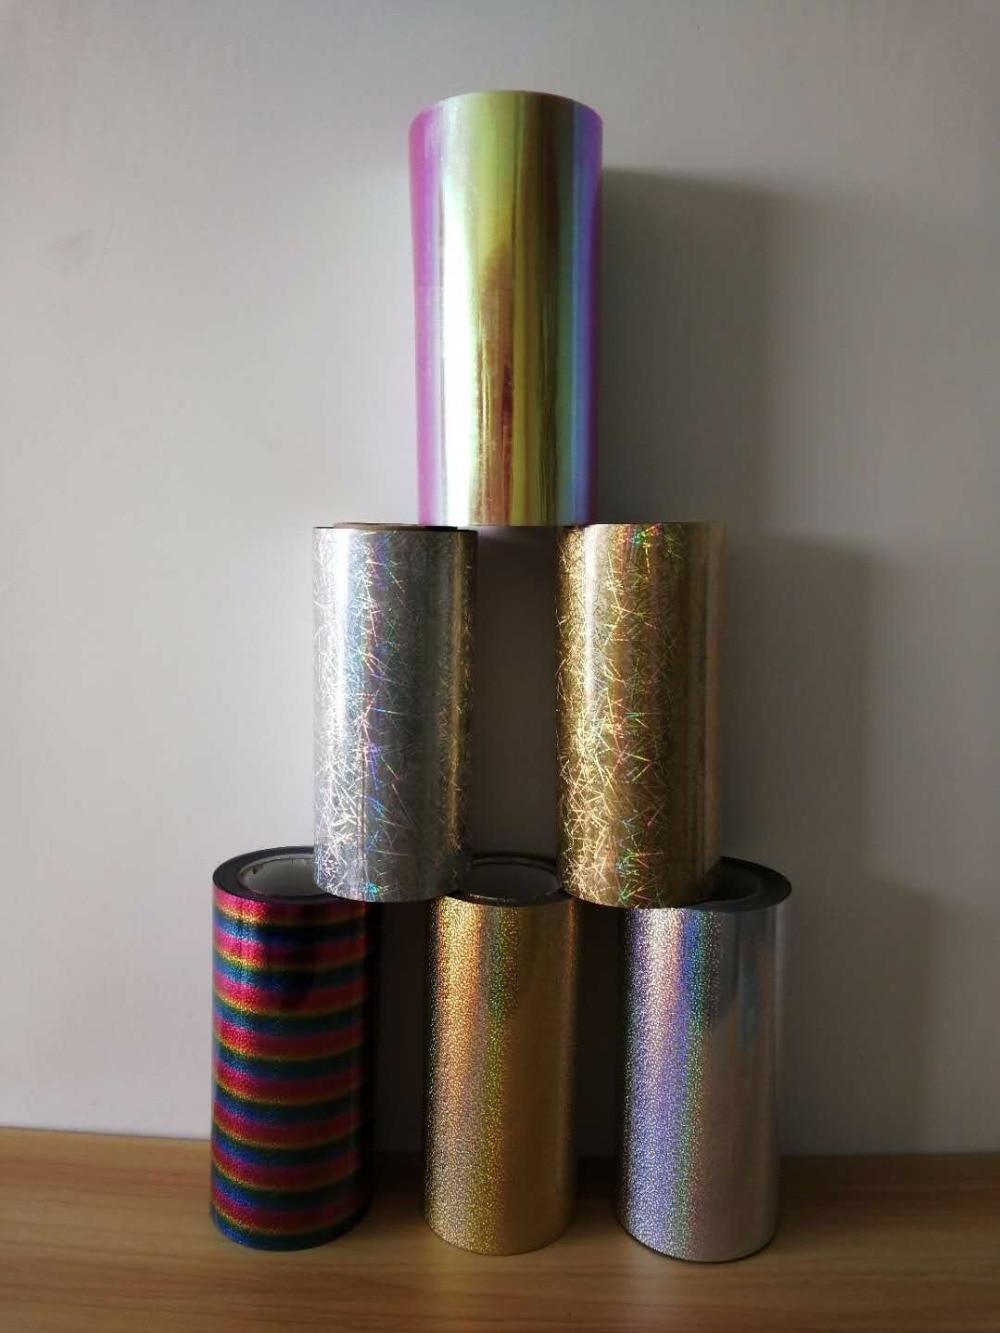 Haus & Garten Kostenloser Versand 1 Blatt 10 x 40/25cmx 100 Cm Laser Heat Transfer Vinyl Für Wärme Drücken Maschine Wärme Transfer Vinyl Schneiden Plotter